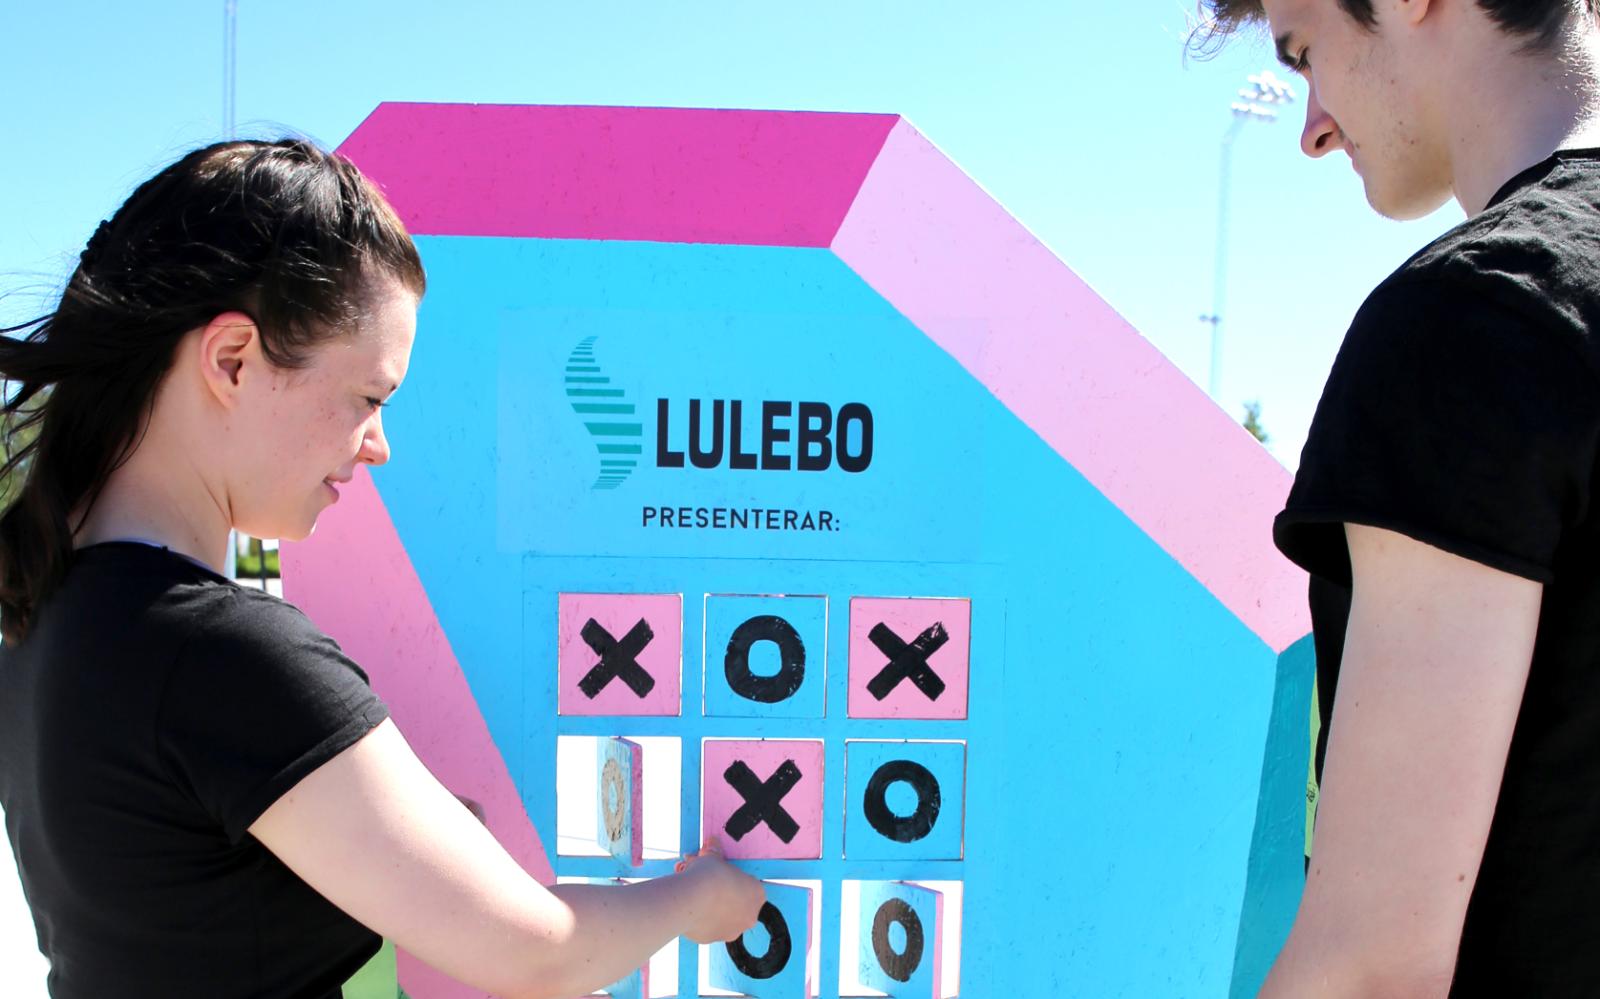 En sommar tillverkade Geektown ett brädspel i mänsklig storlek som Luleås invånare och besökare kunde ta del av. Spelet var byråns eget koncept som de förverkligade med hjälp av sponsorer. Foto: Geektown.